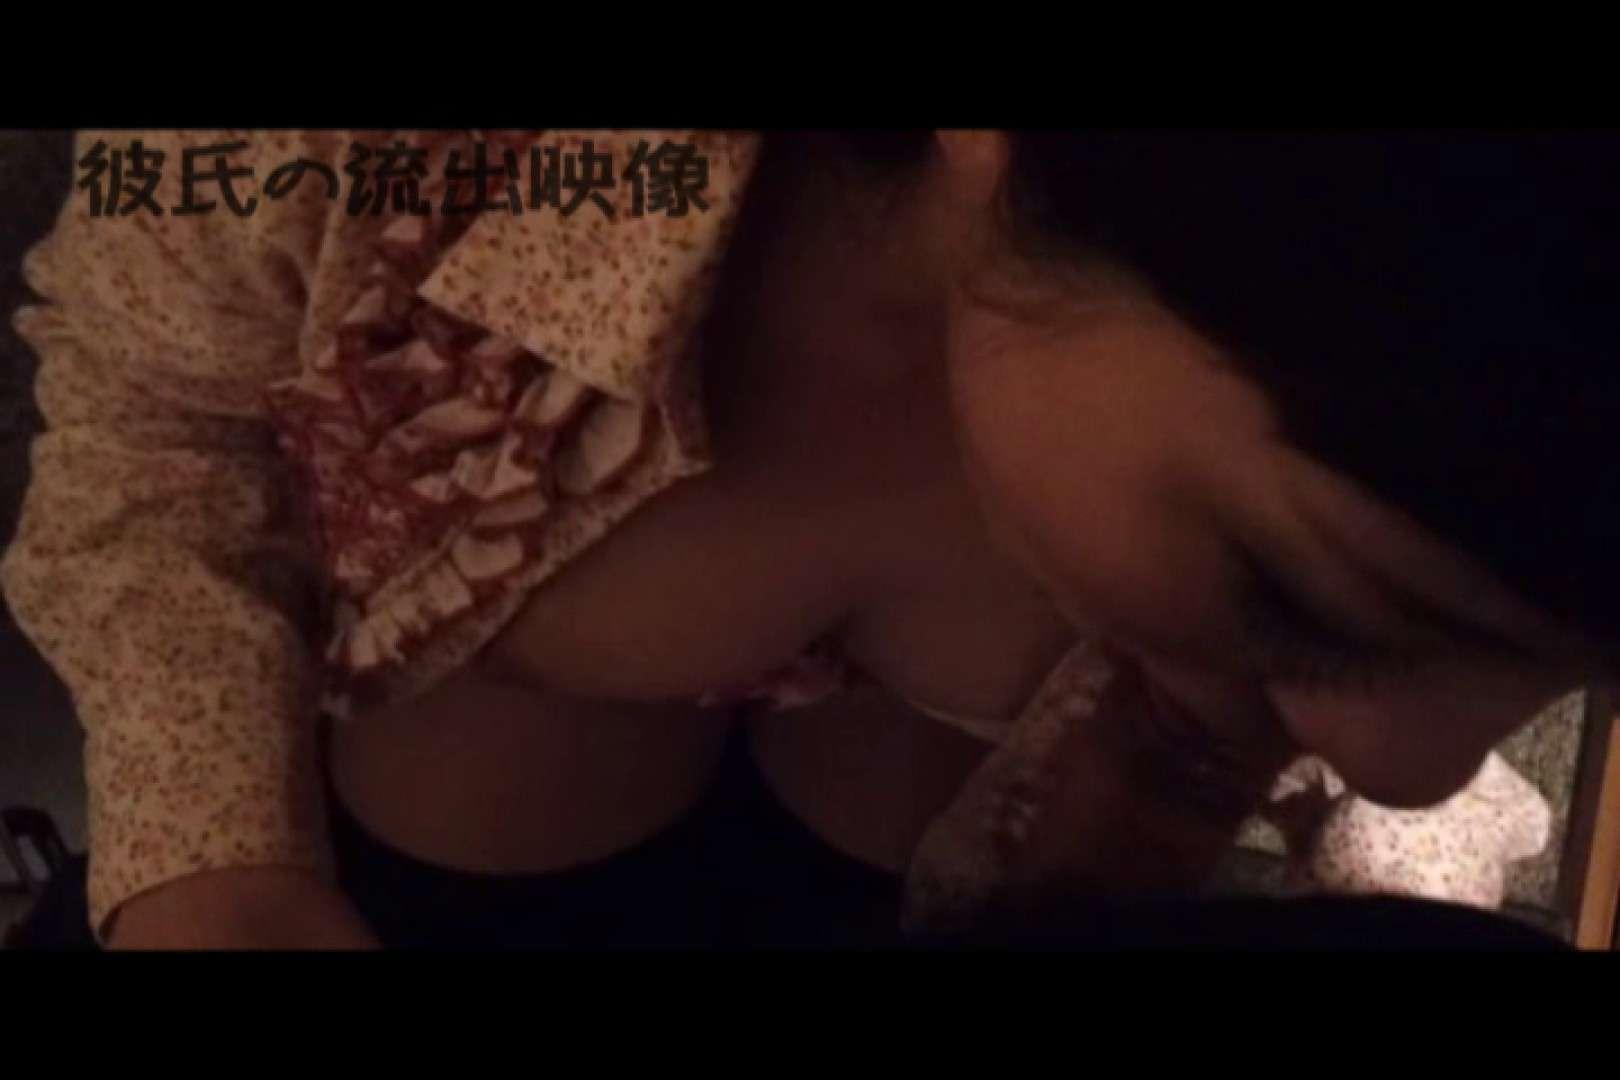 彼氏が流出 パイパン素人嬢のハメ撮り映像03 素人 おまんこ無修正動画無料 22連発 11